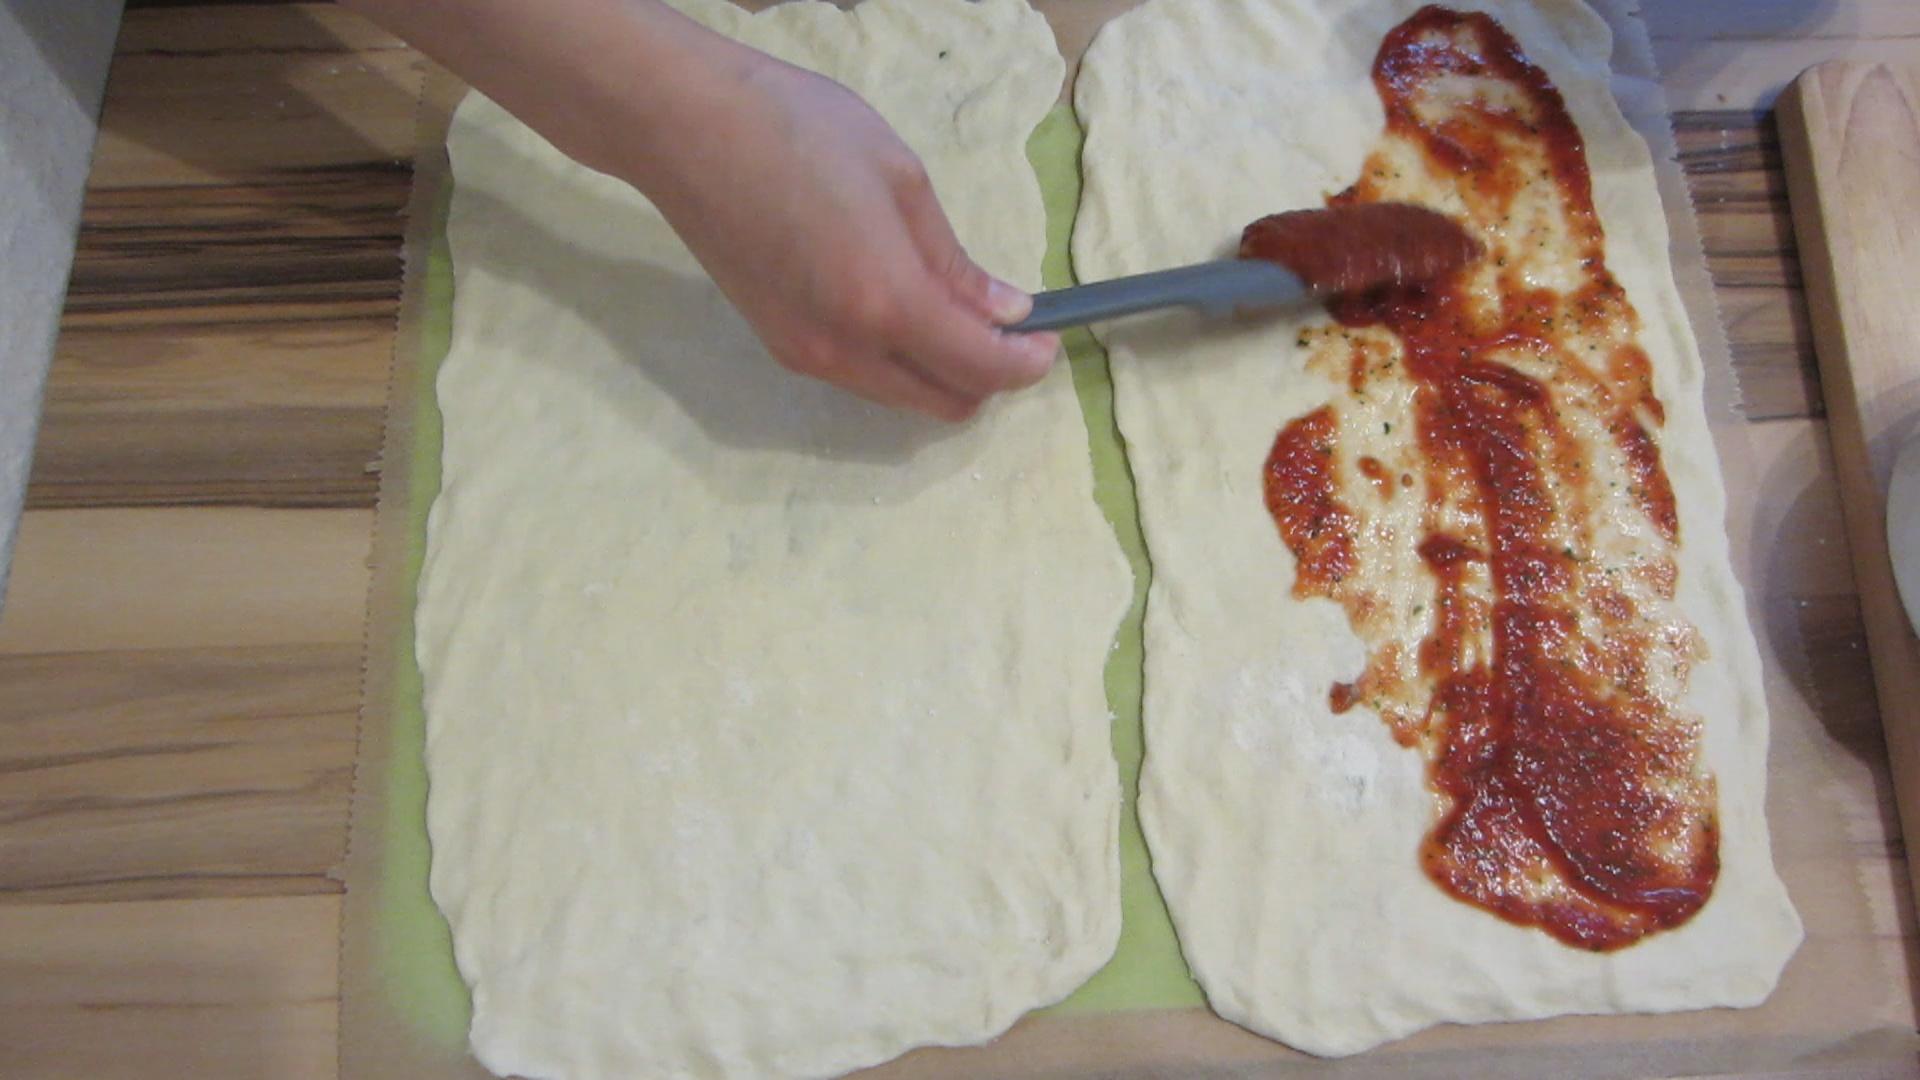 2014-05-02-Homemade-Pizza-taste-like-in-an-Italian-restaurant-24.jpg